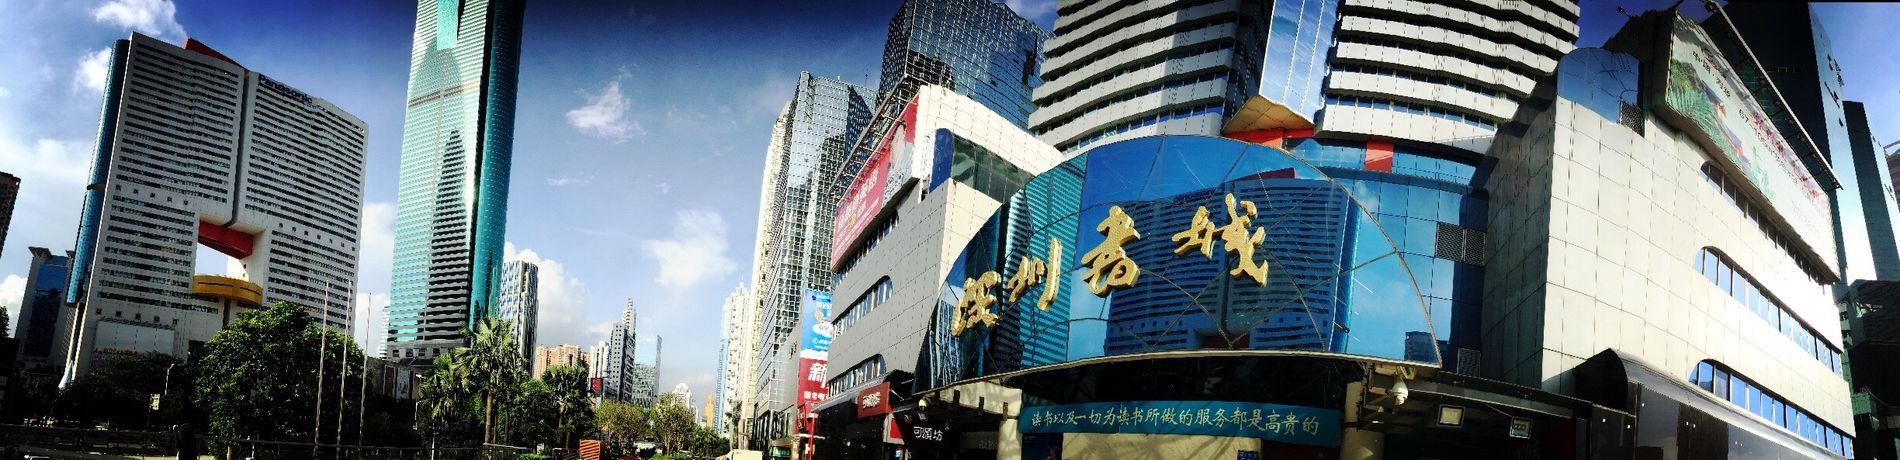 shen zhen 书城